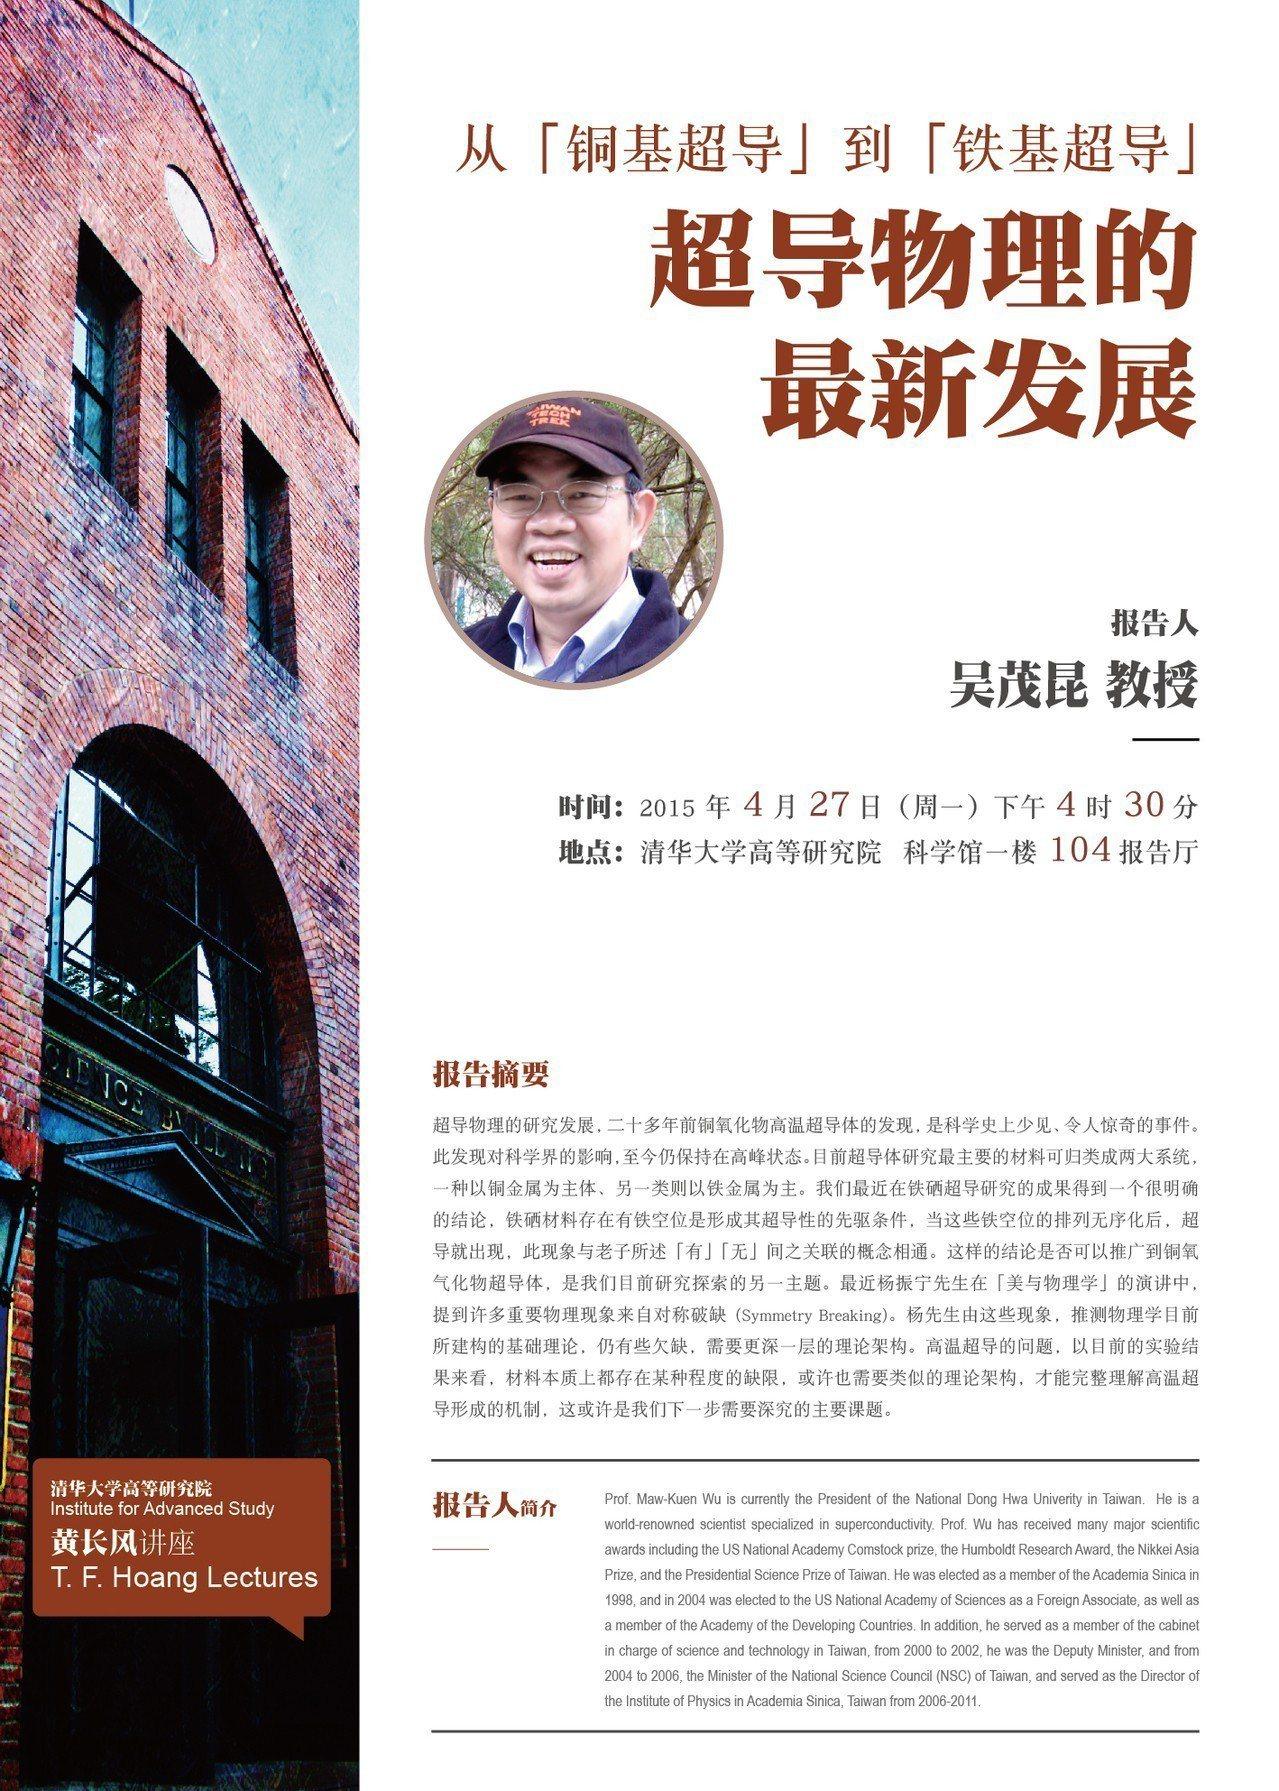 有網友爆料指出吳茂昆曾赴陸演講。記者林良齊/翻攝